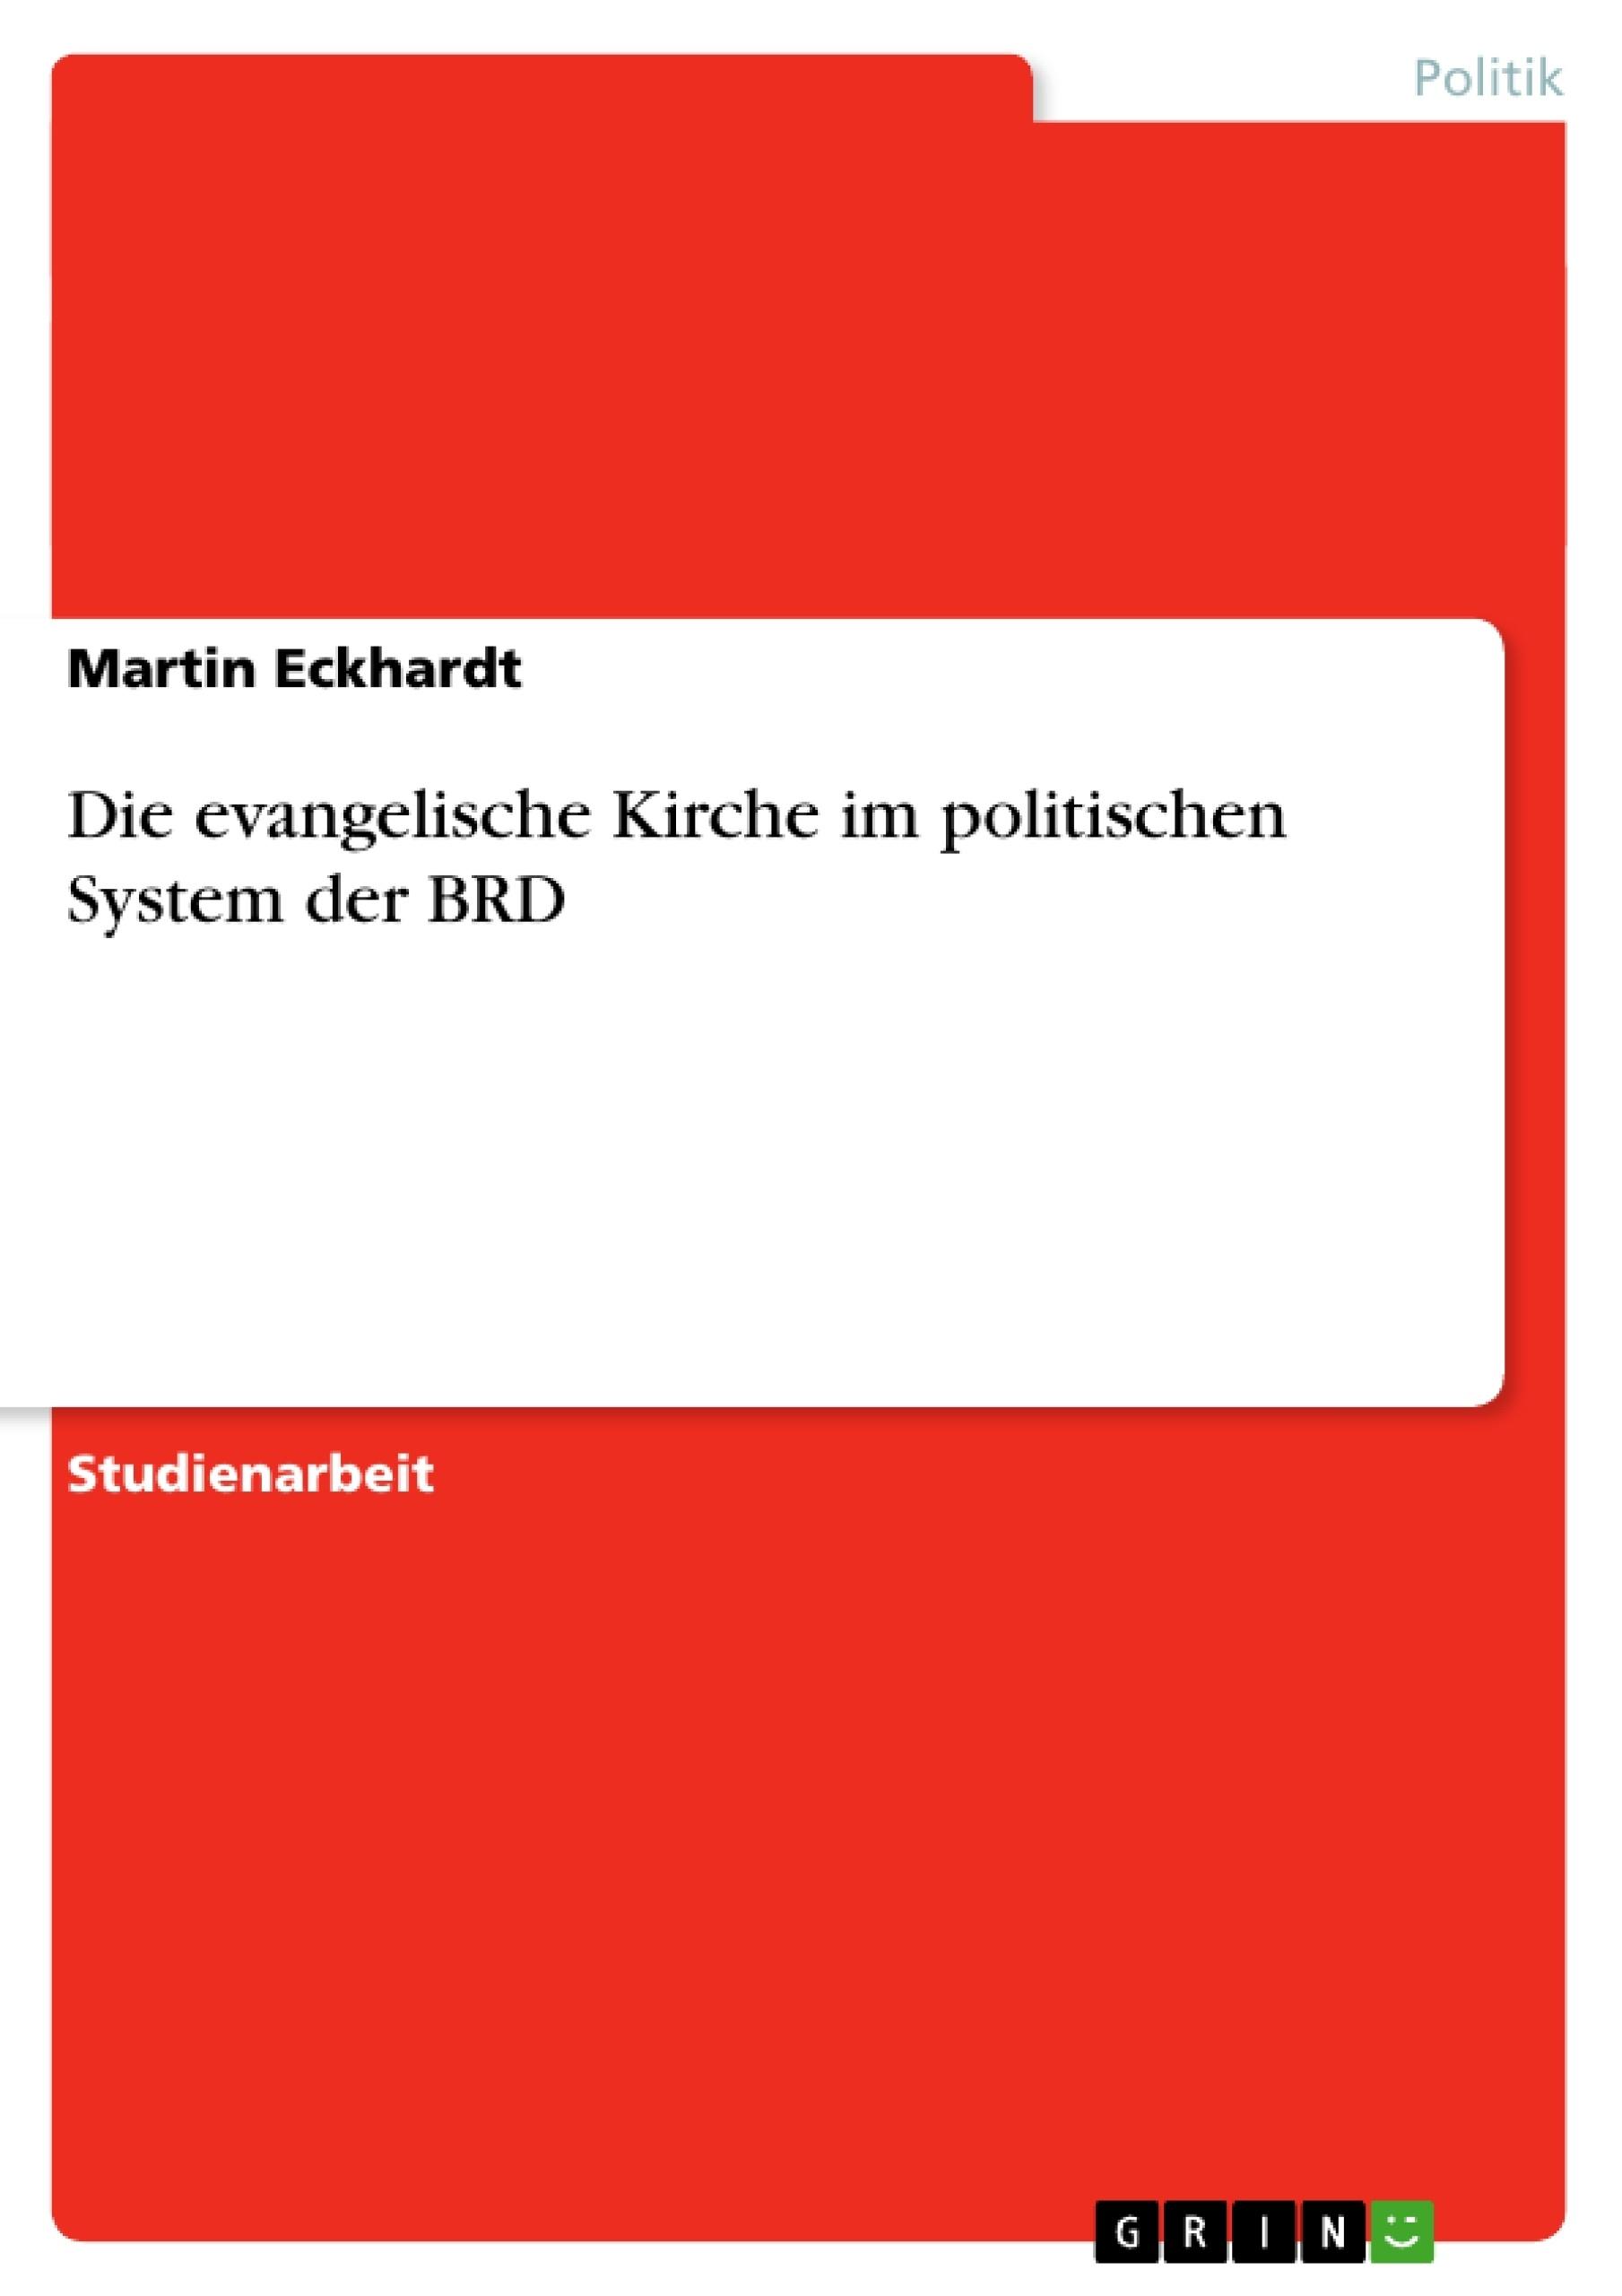 Titel: Die evangelische Kirche im politischen System der BRD